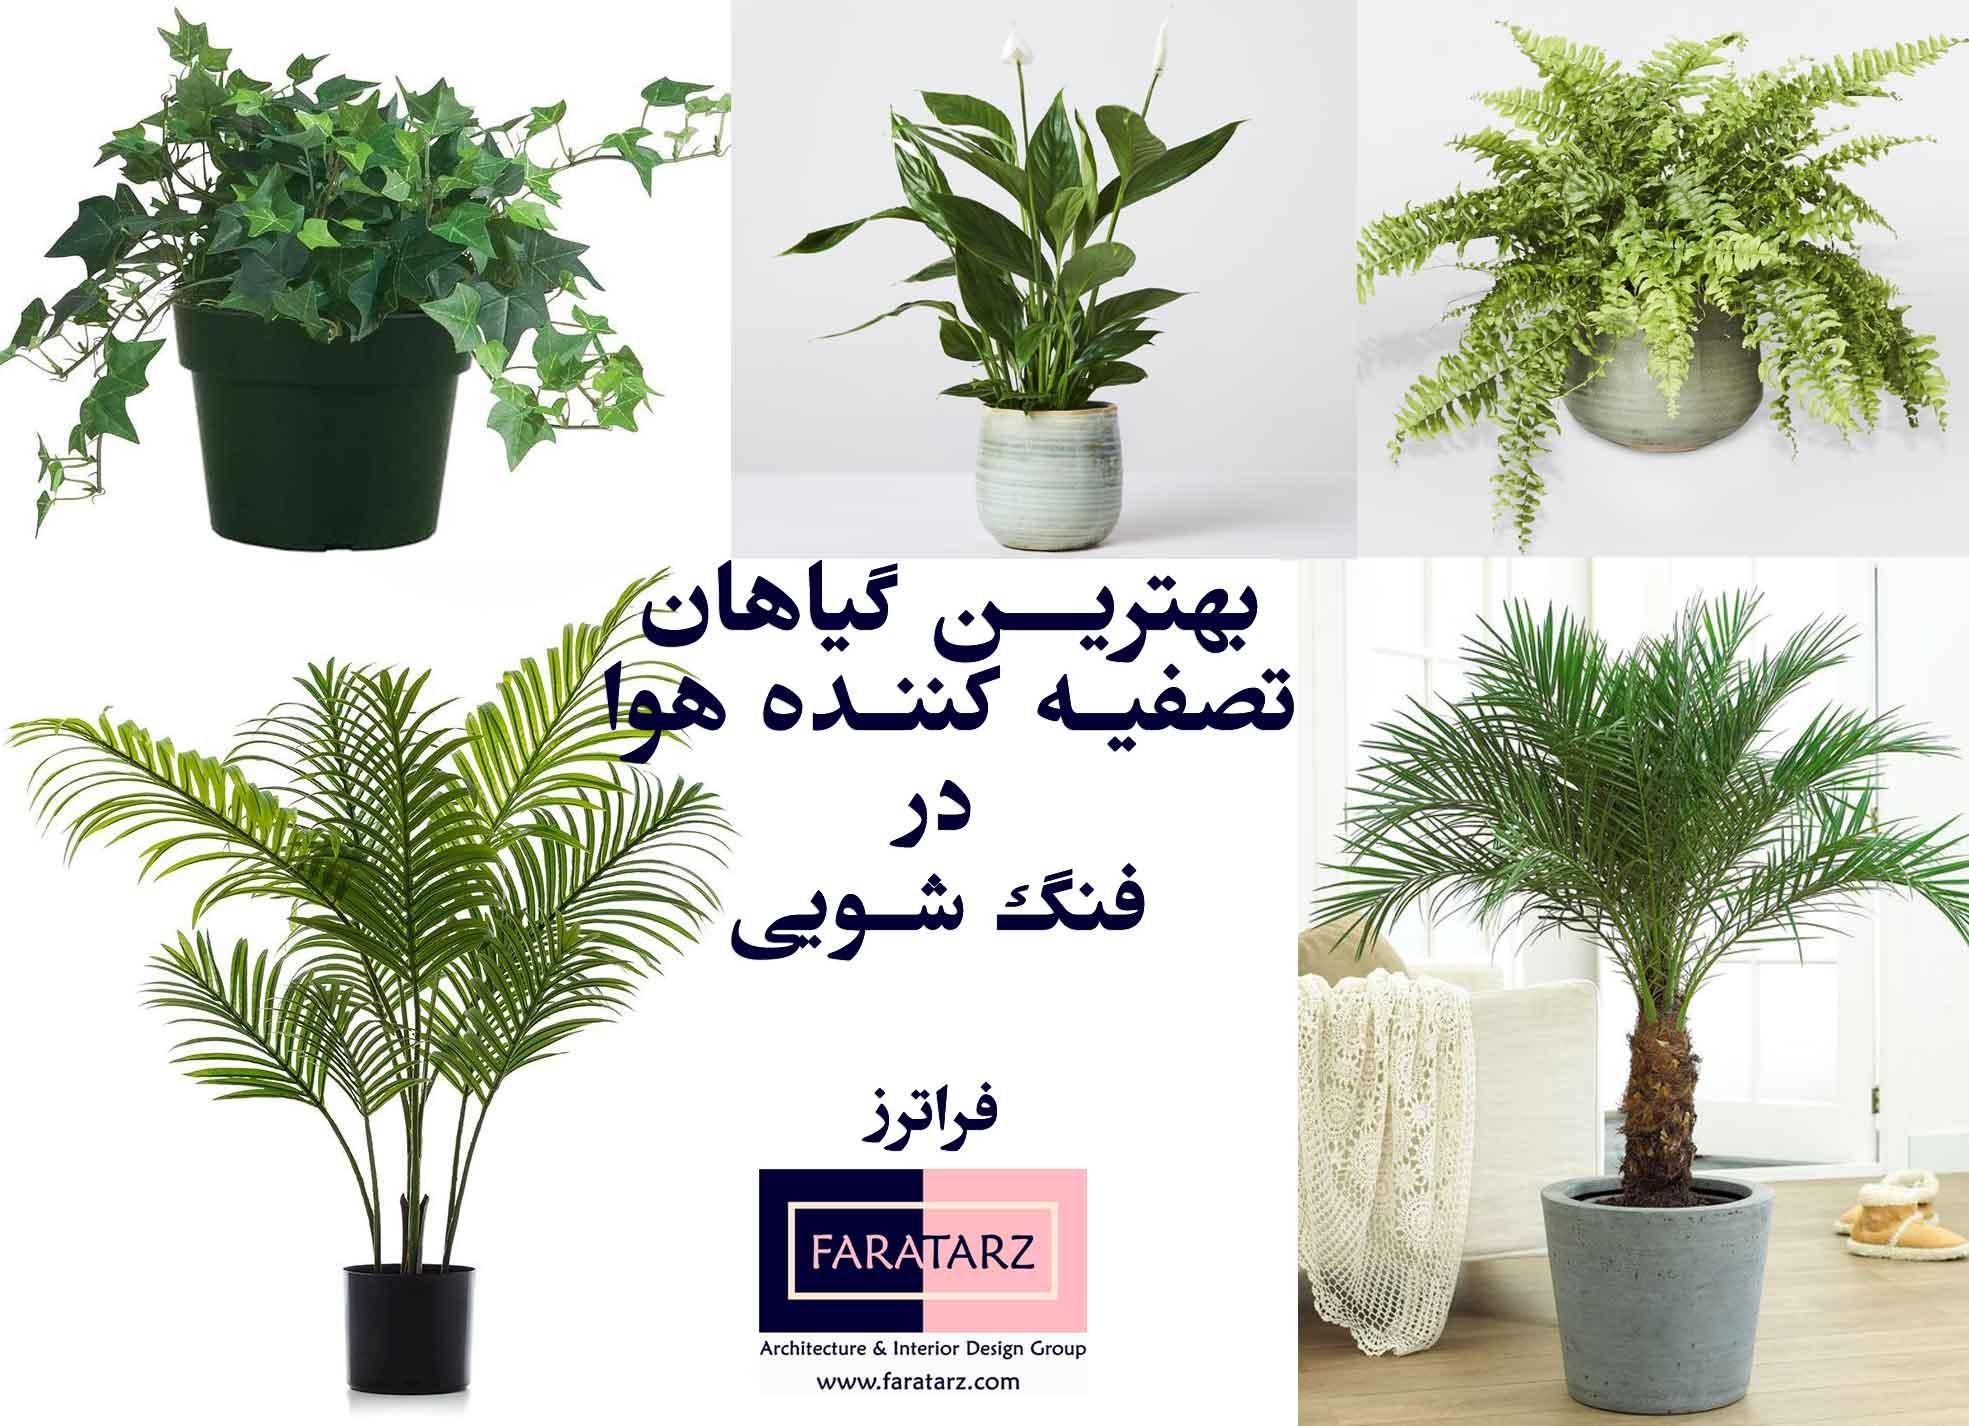 تصاویر گیاهان تصفیه کننده هوا در فنگ شویی